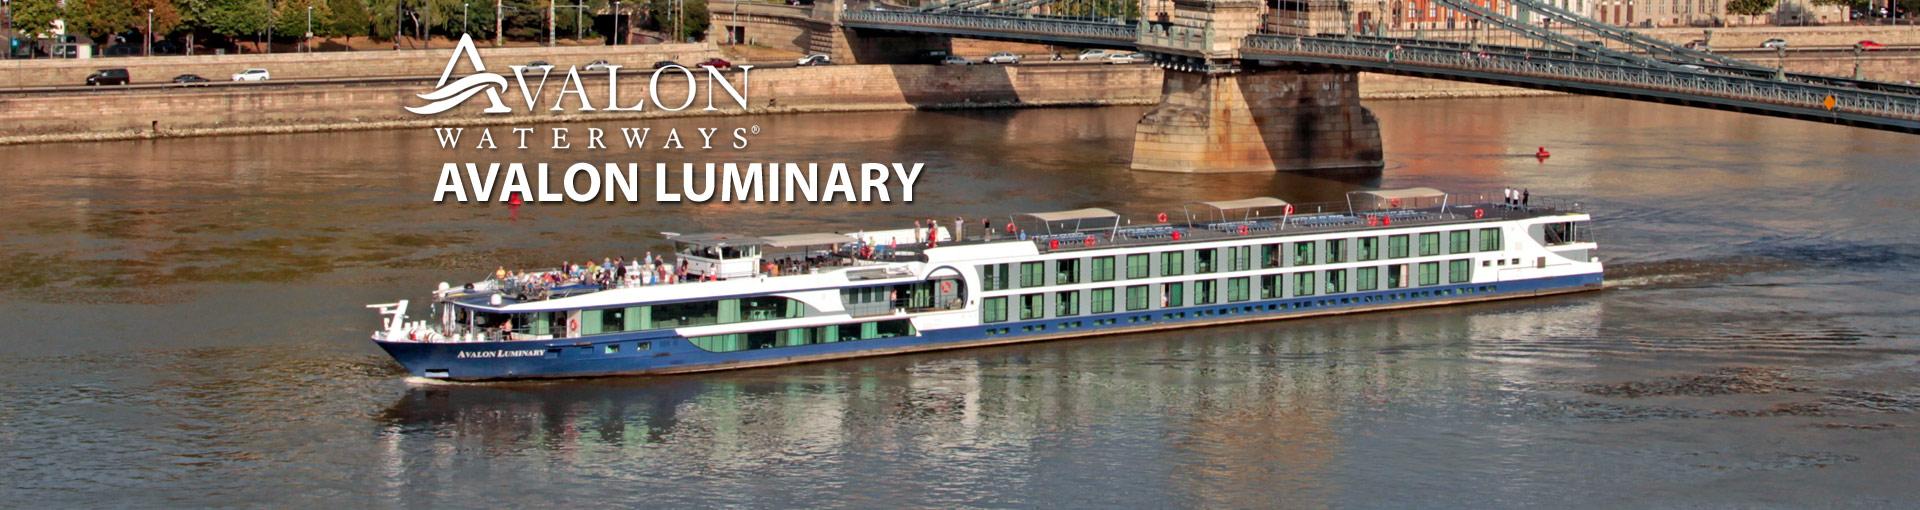 Avalon Waterways Luminary river cruise ship